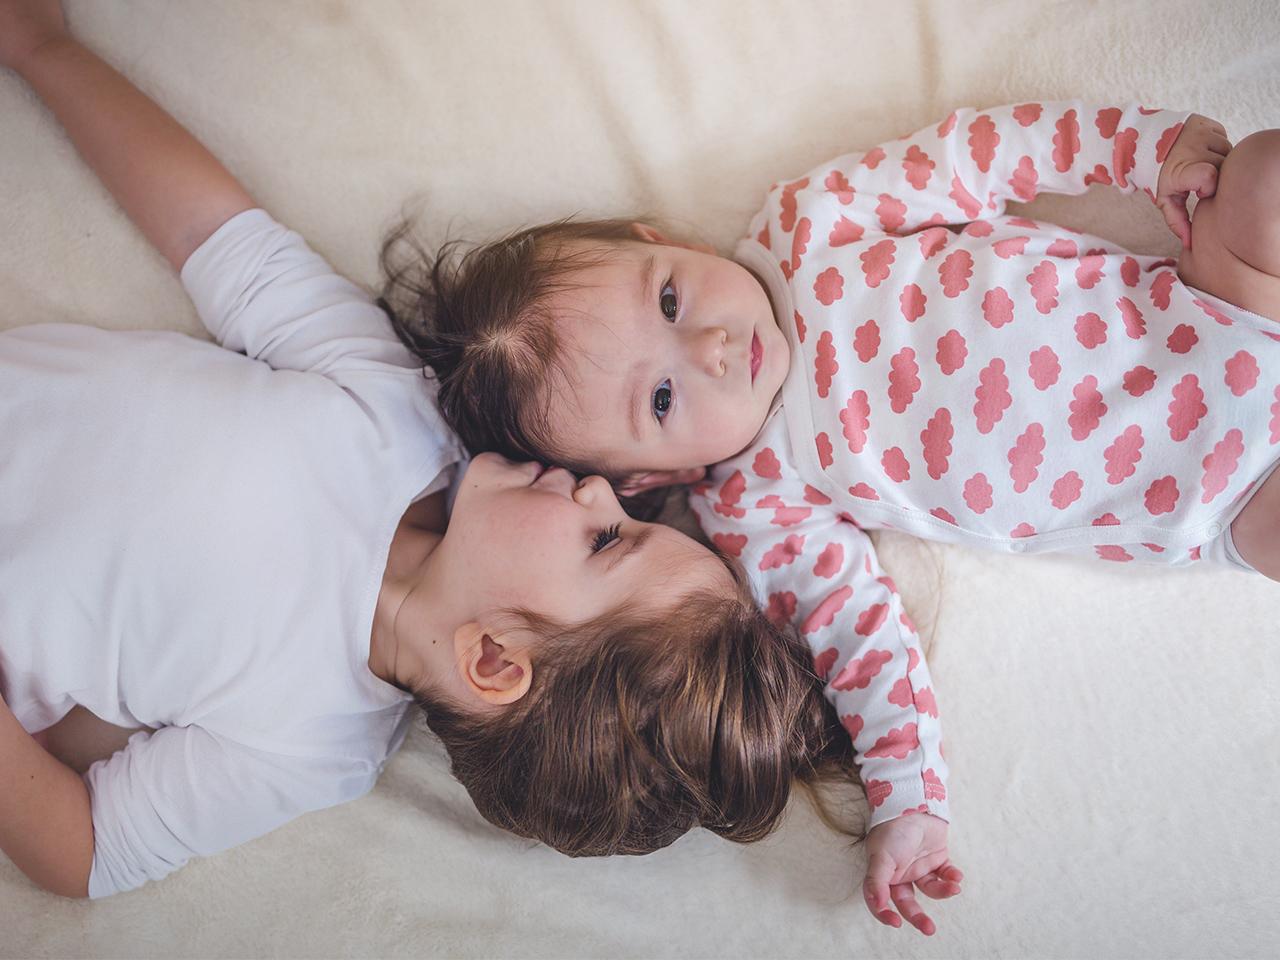 Никогда не рано, никогда не поздно: существует ли оптимальная разница в возрасте детей (часть 1) - воспитание и психология